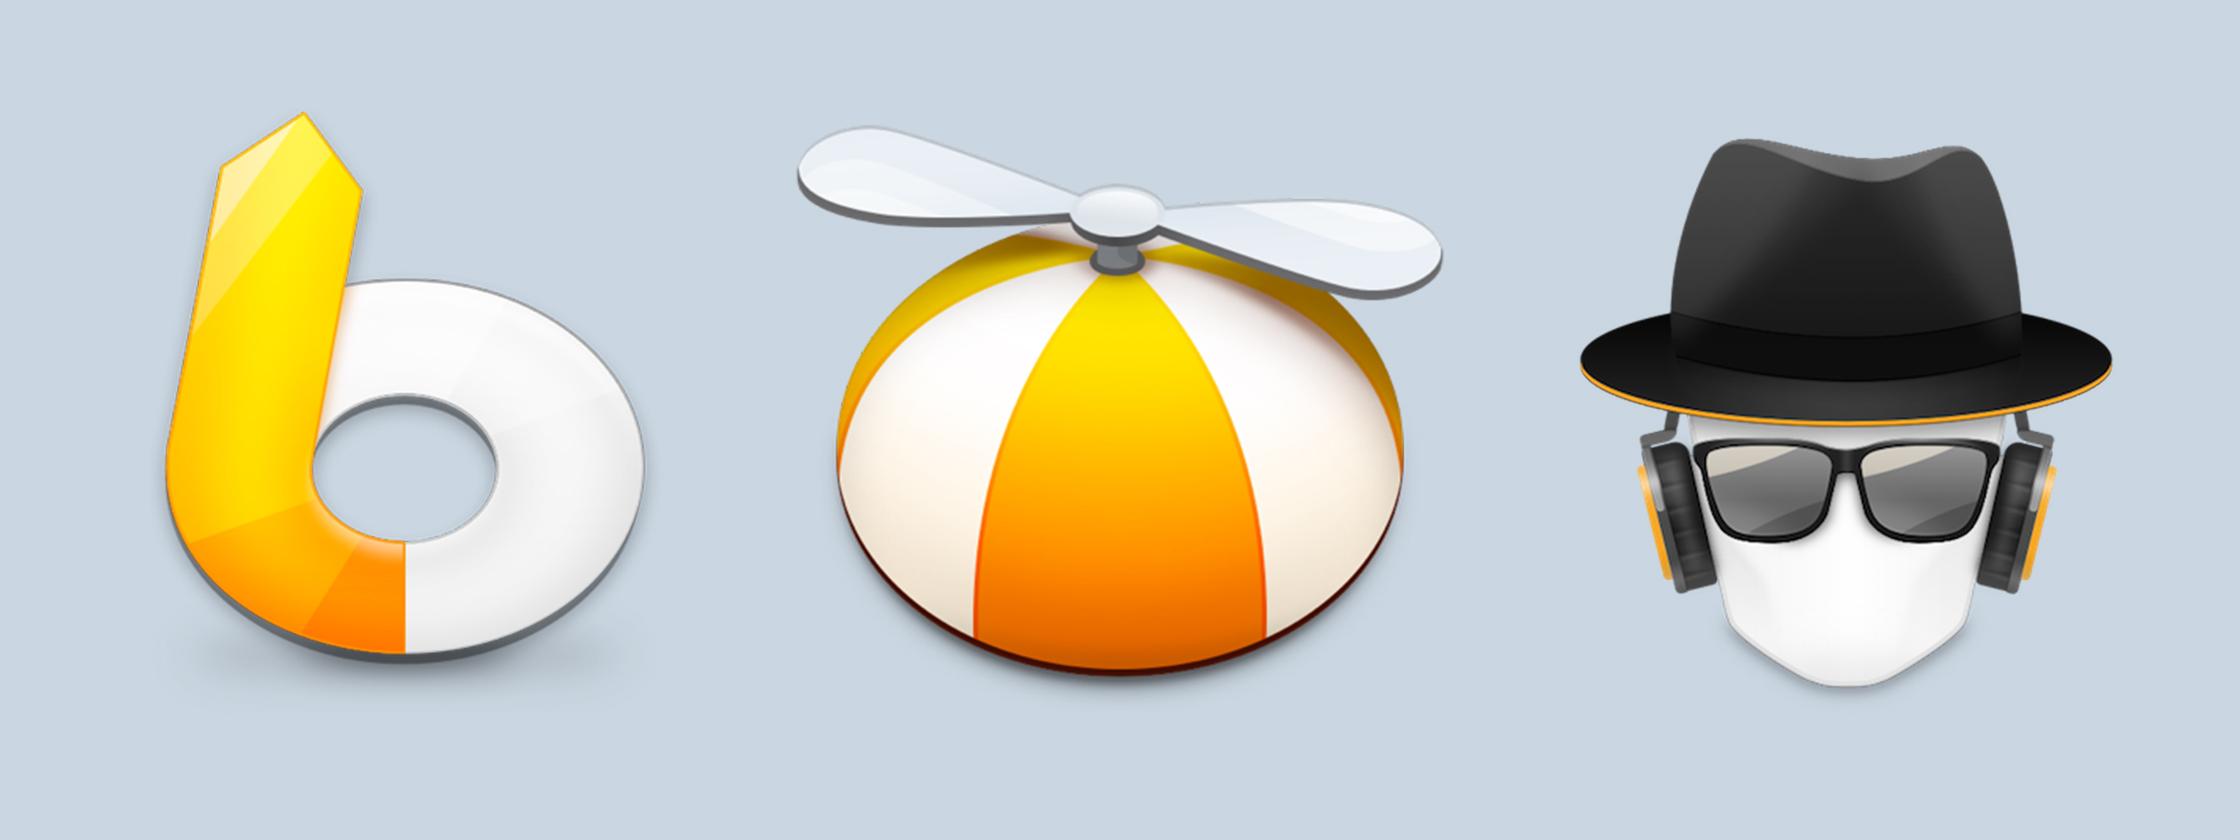 最后 10 天,LaunchBar 开发商旗下 3 款软件要涨价了